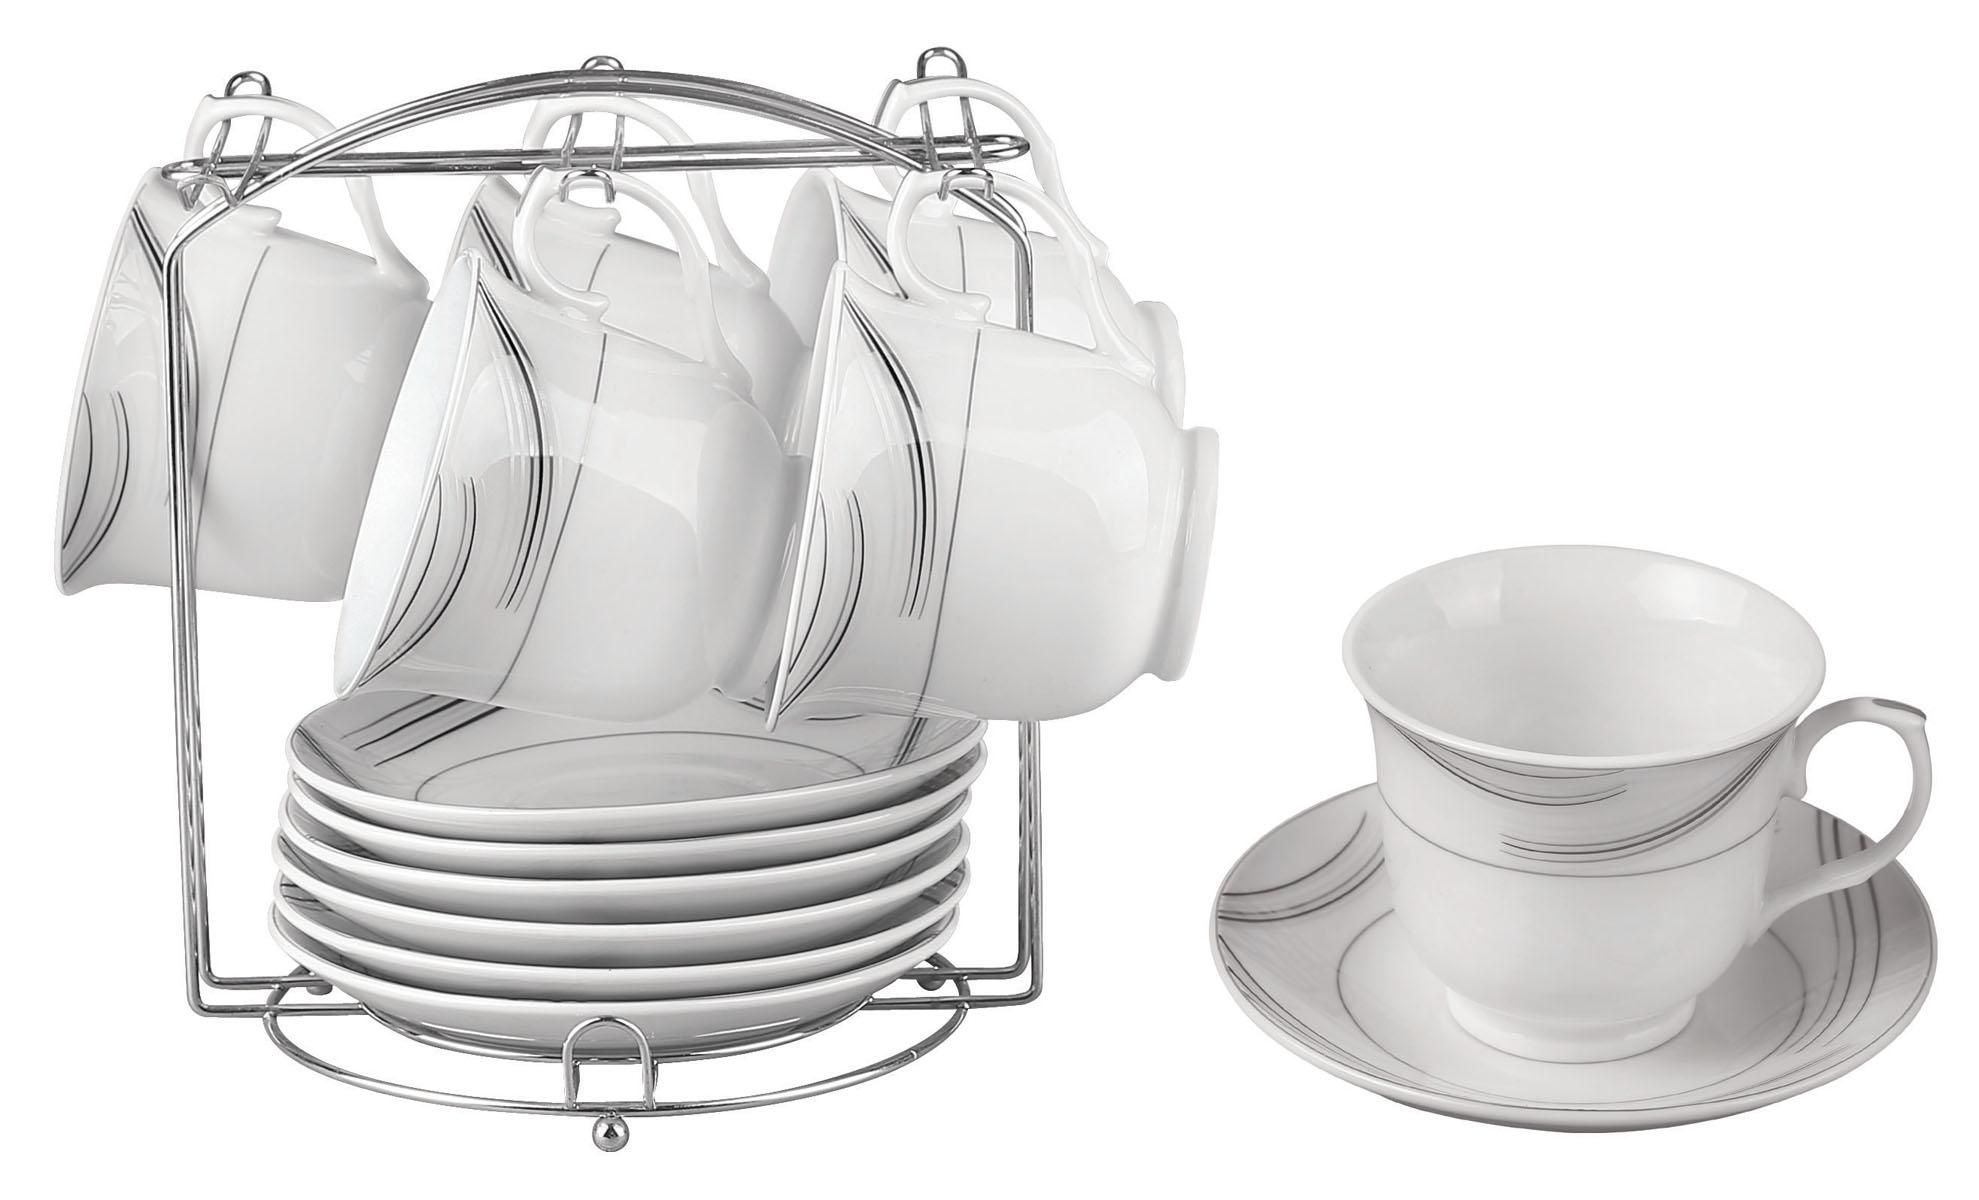 Набор чайный Bekker, 13 предметов. BK-6803 (8) чайный набор alex в горошек металлическая 705pd